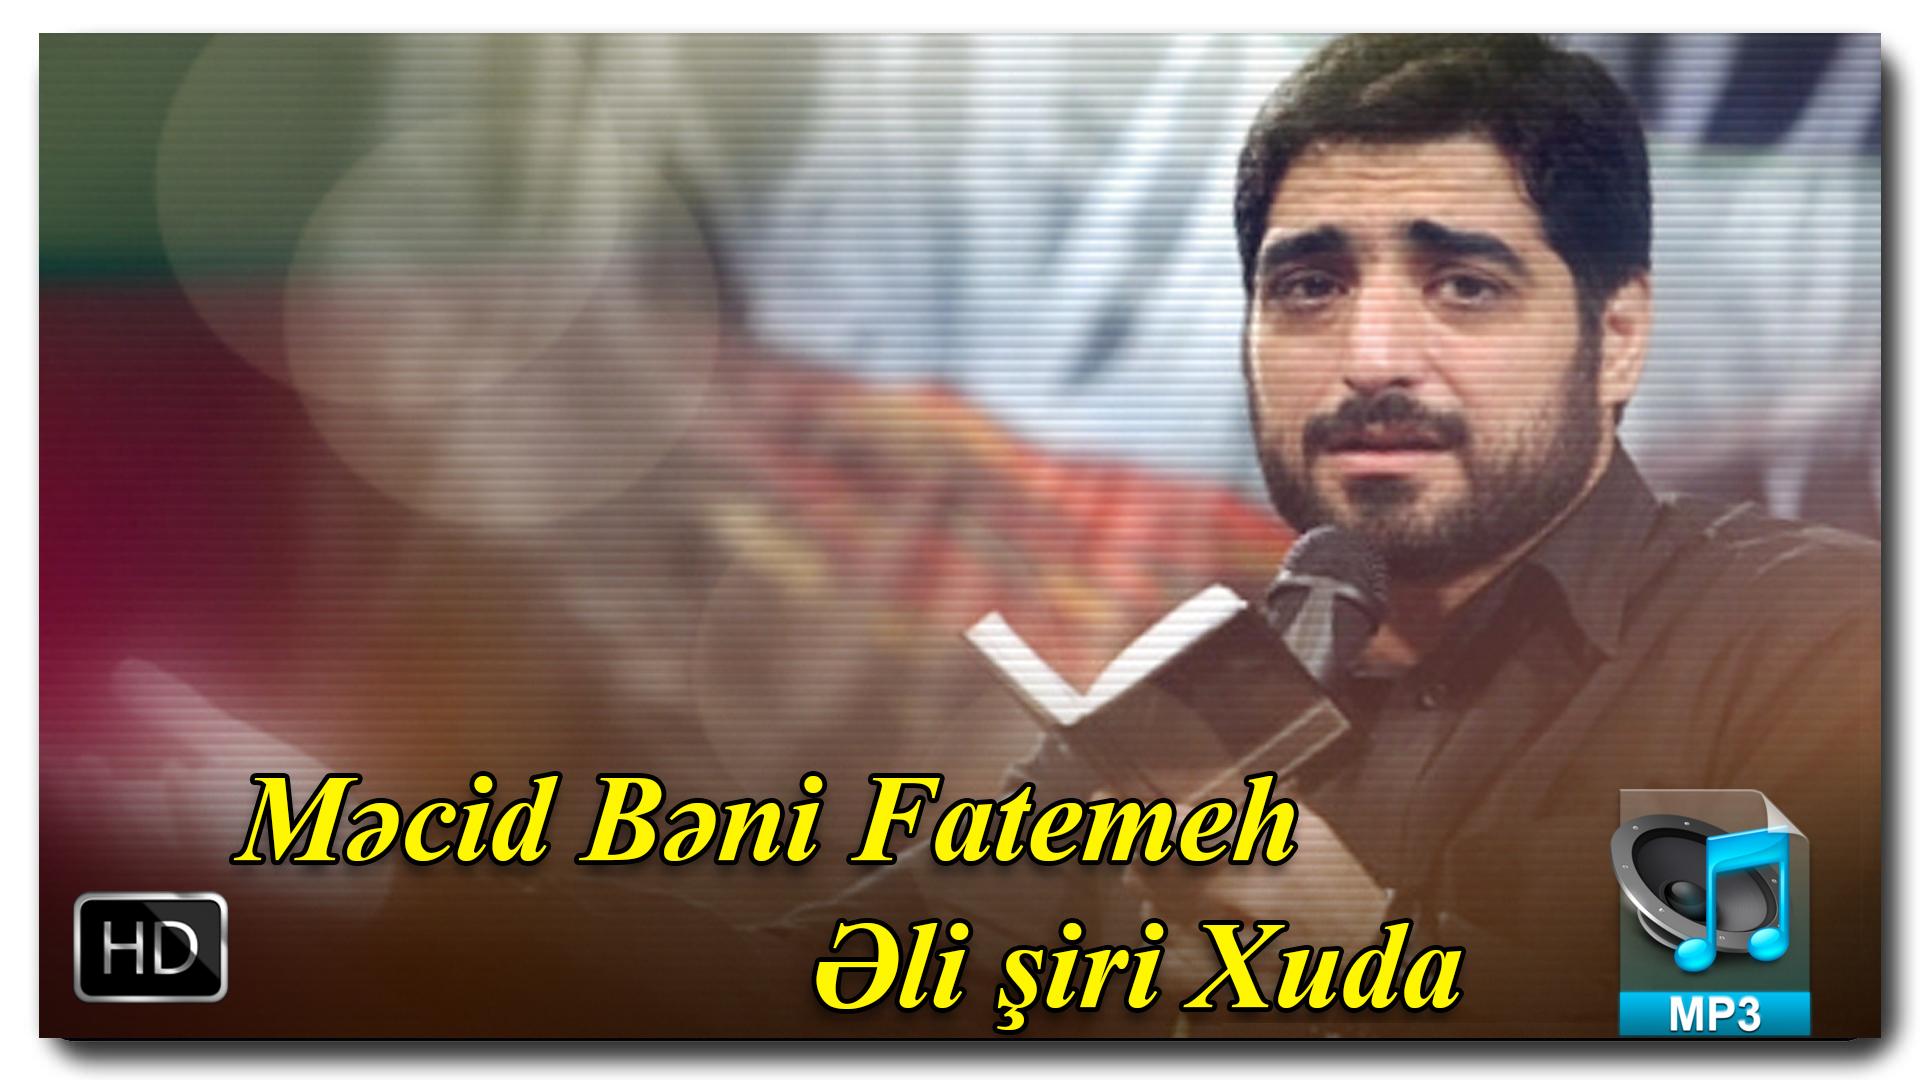 Məcid Bəni Fatemeh | Əli şiri Xuda | + VIDEO